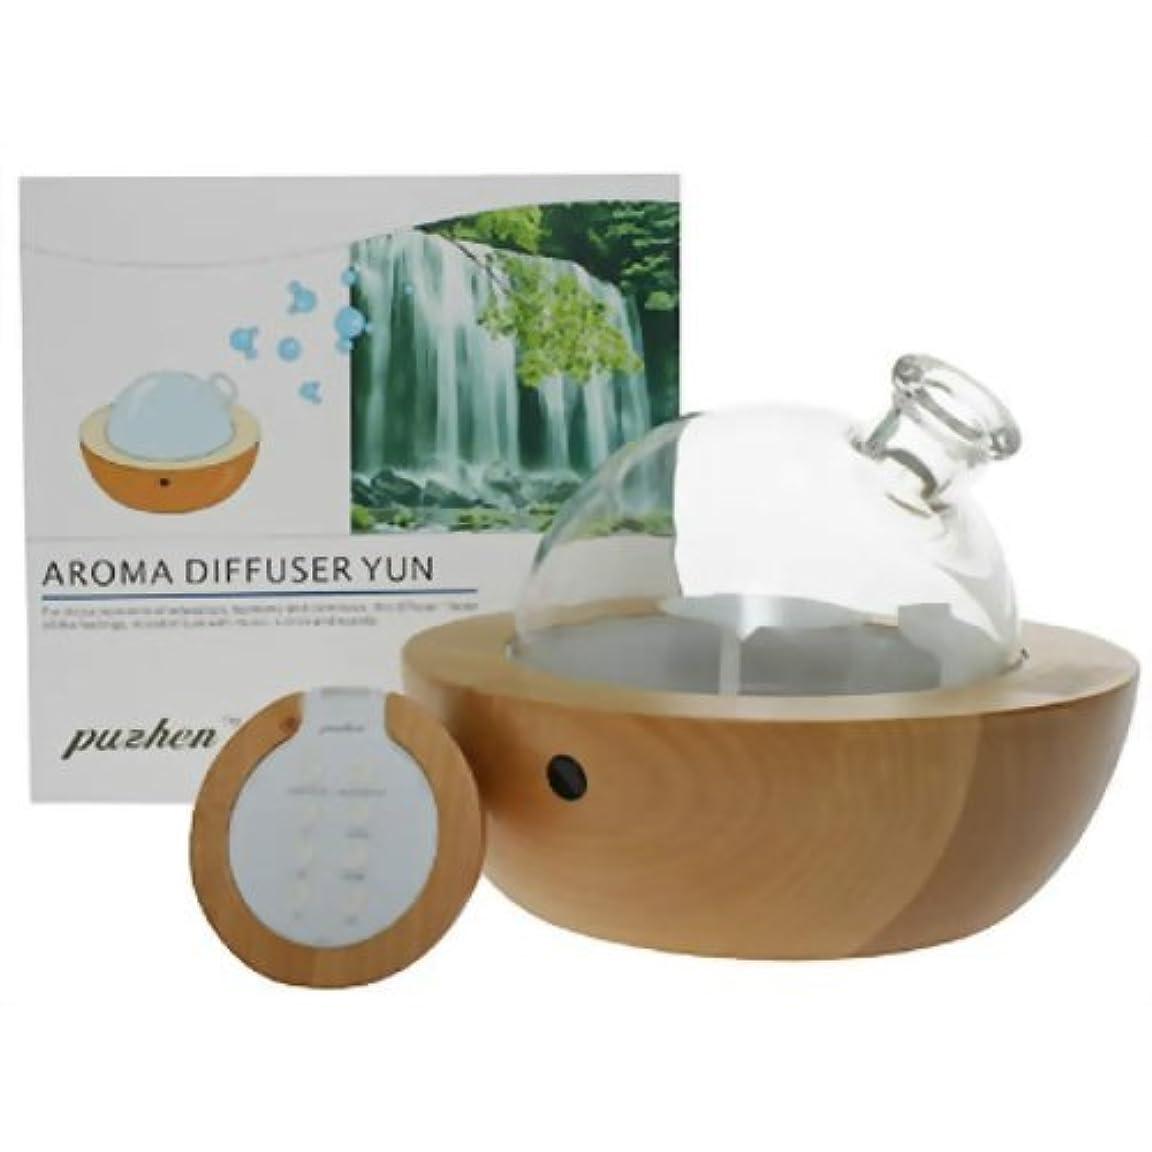 プール製品制限生活の木 アロマミストディフューザー YUN(アロマディフューザー)